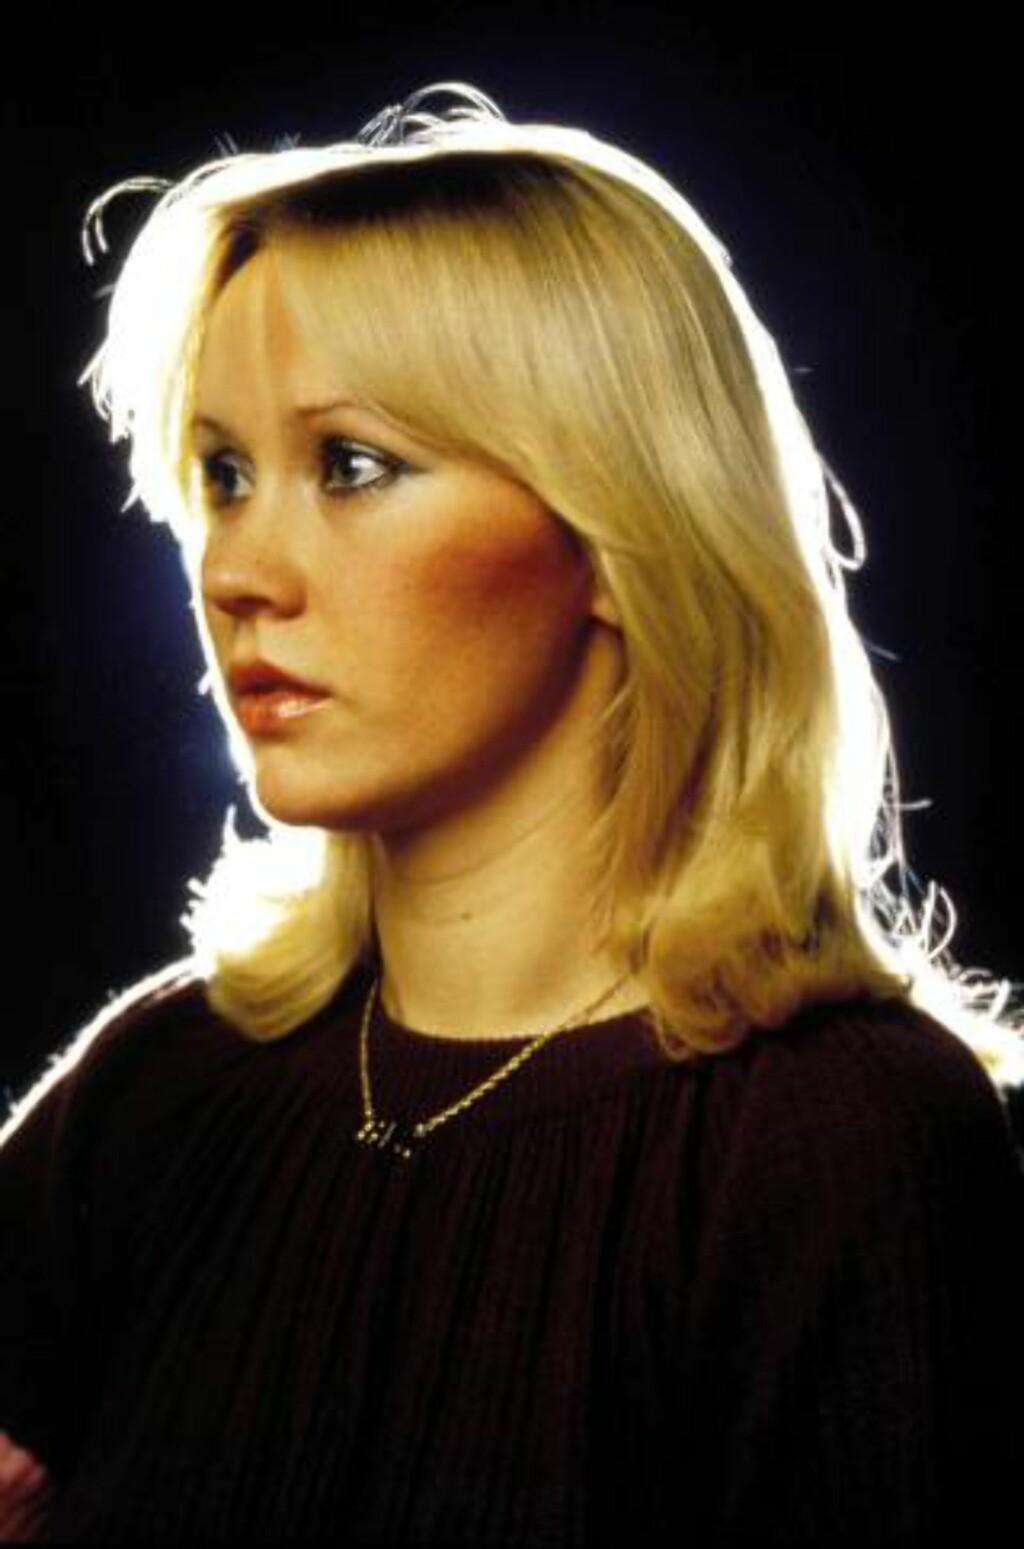 AGNETHA: ABBA ble splittet i 1982. Siden da har Fältskog holdt seg utenfor rampelyset siden. Foto: Stella Pictures